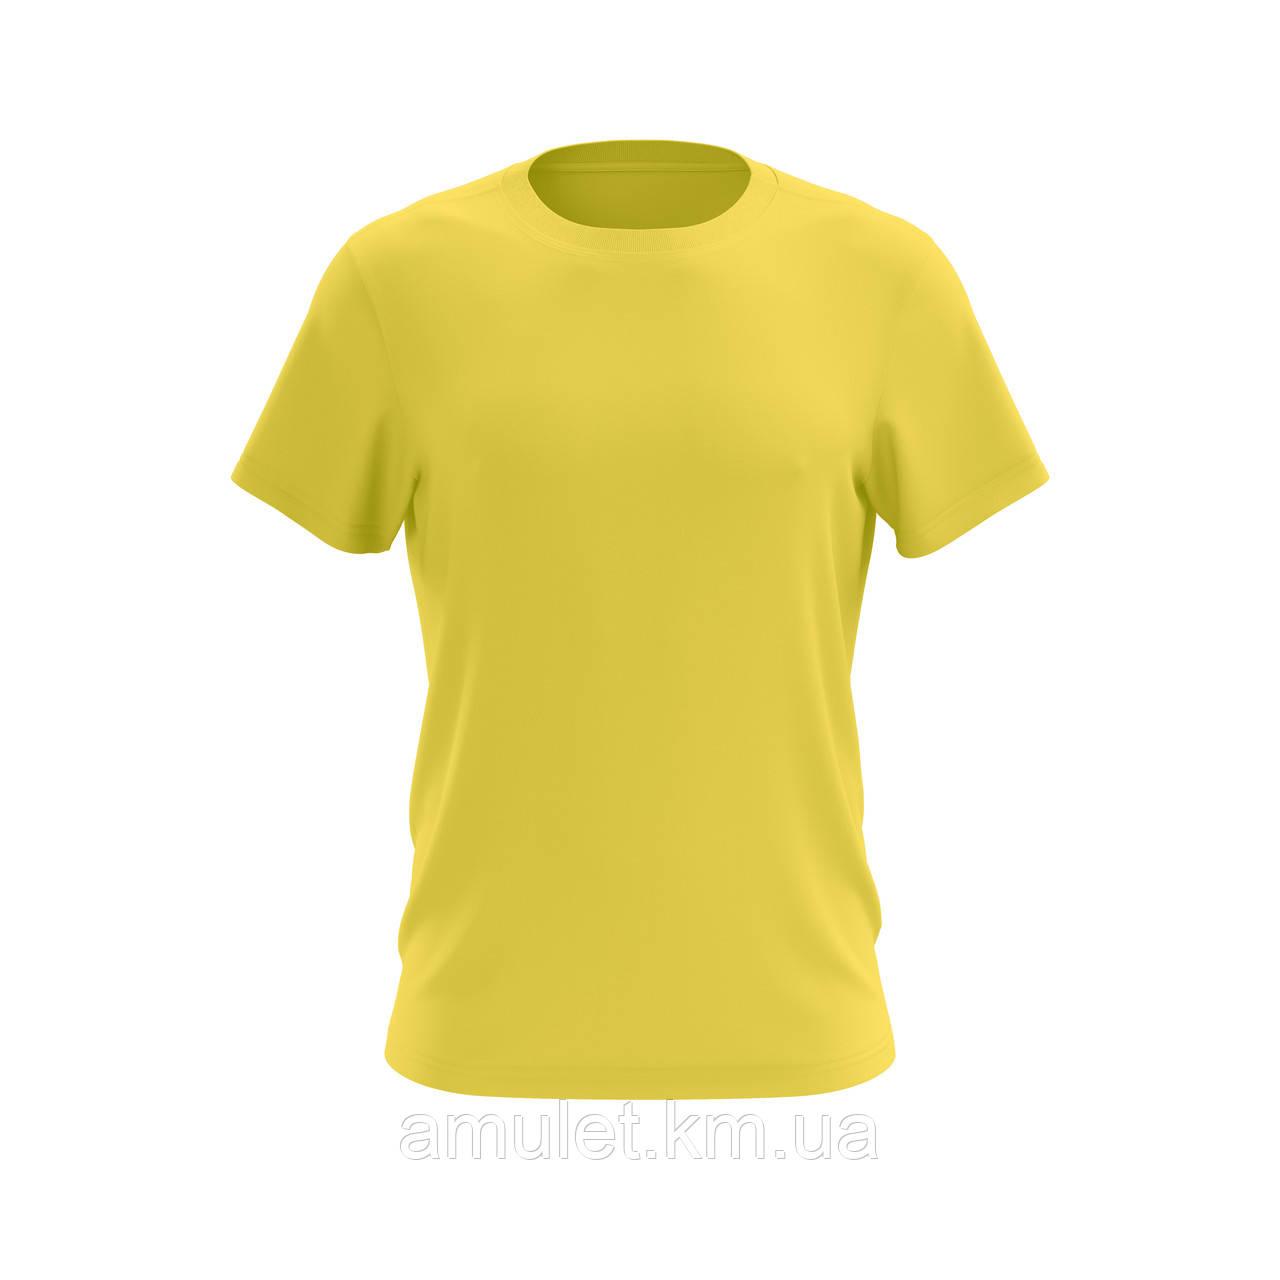 Футболка мужская 100% хлопок желтая